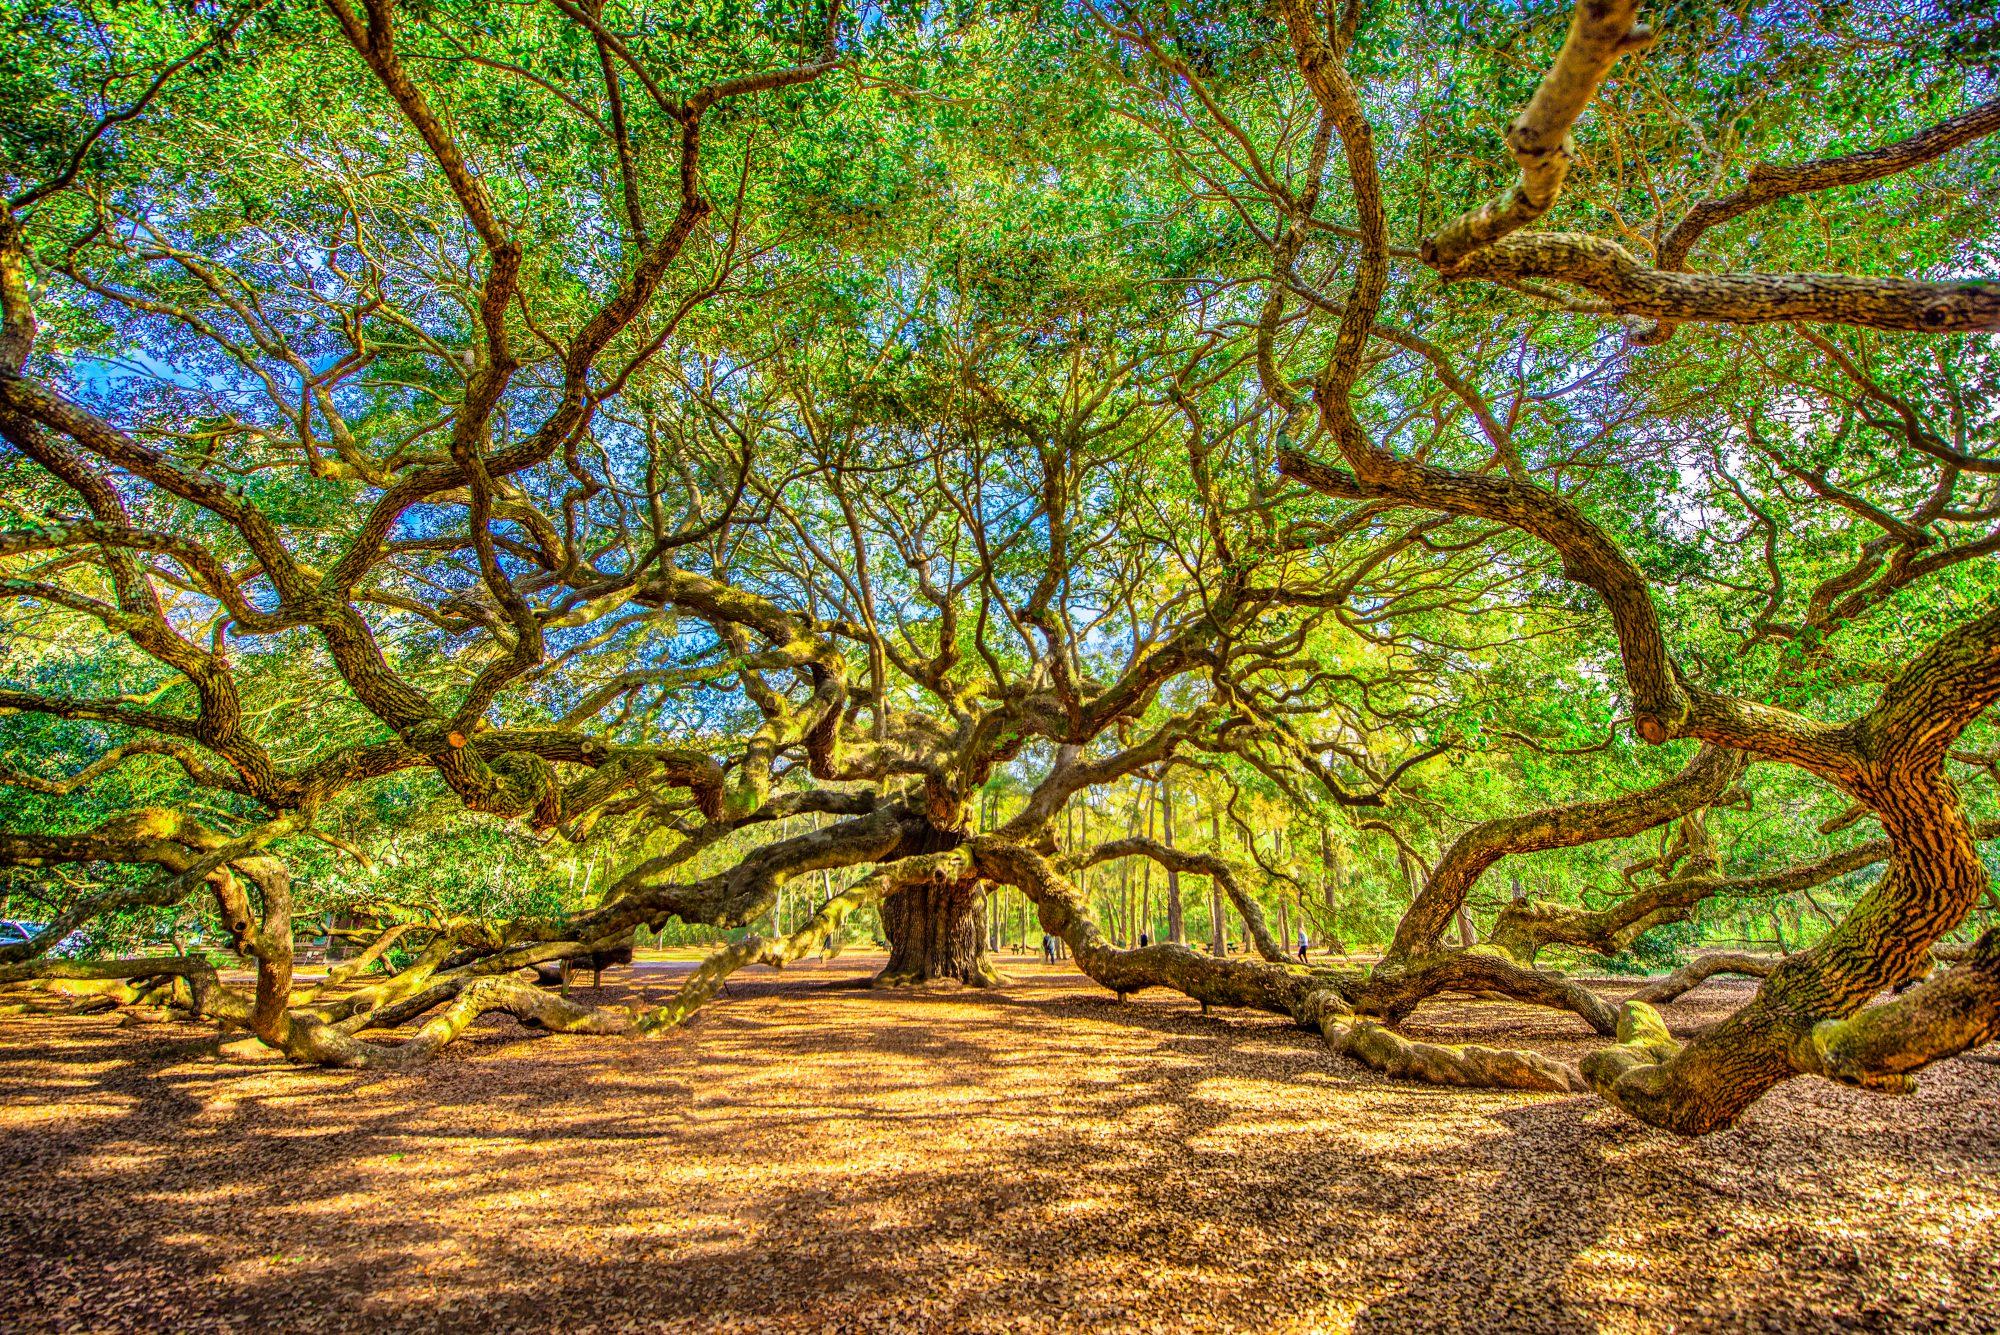 Healthy Angel Oak Tree